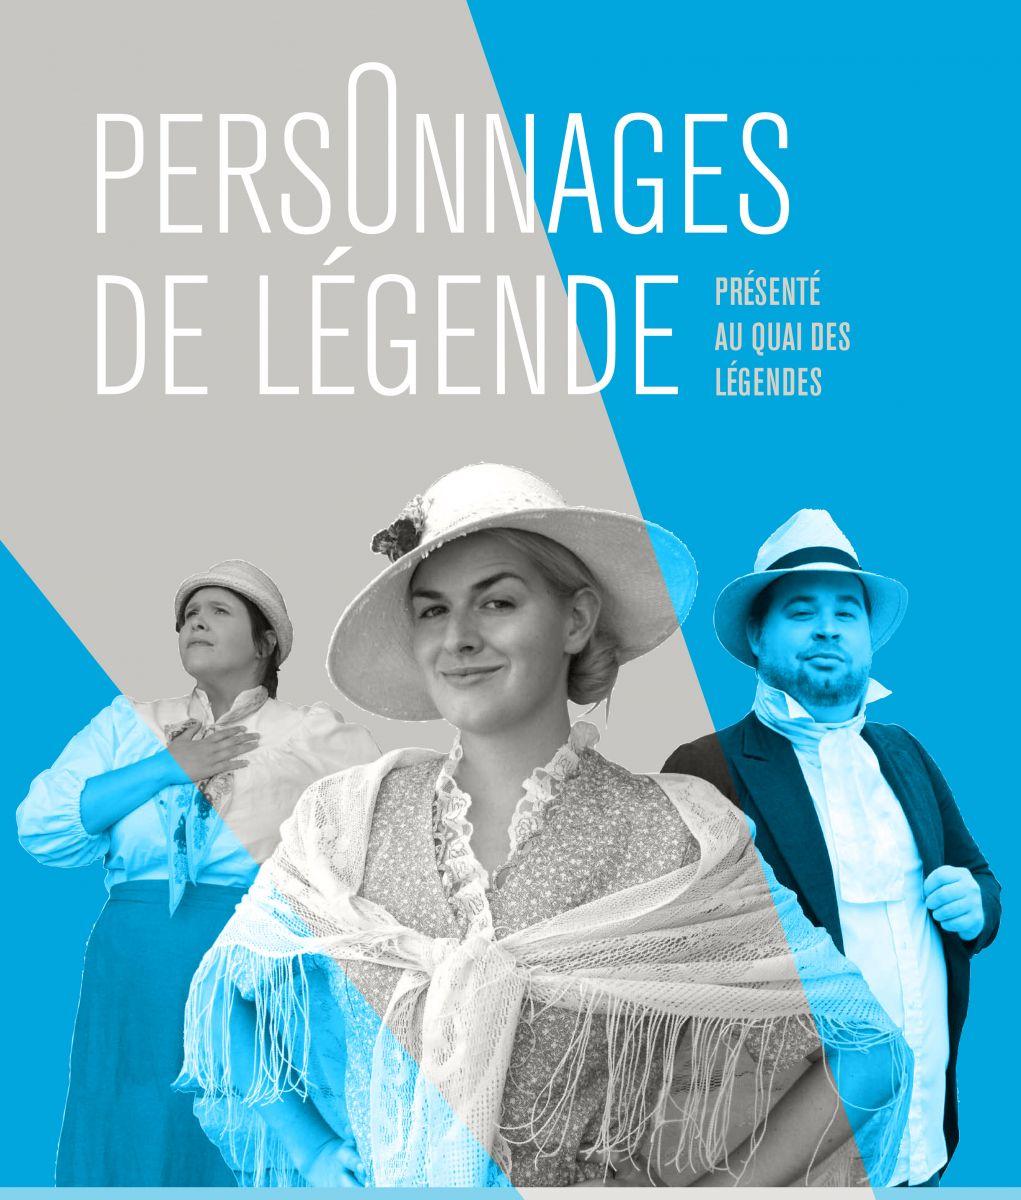 Personnages de légende. © Théâtre Dérives Urbaines